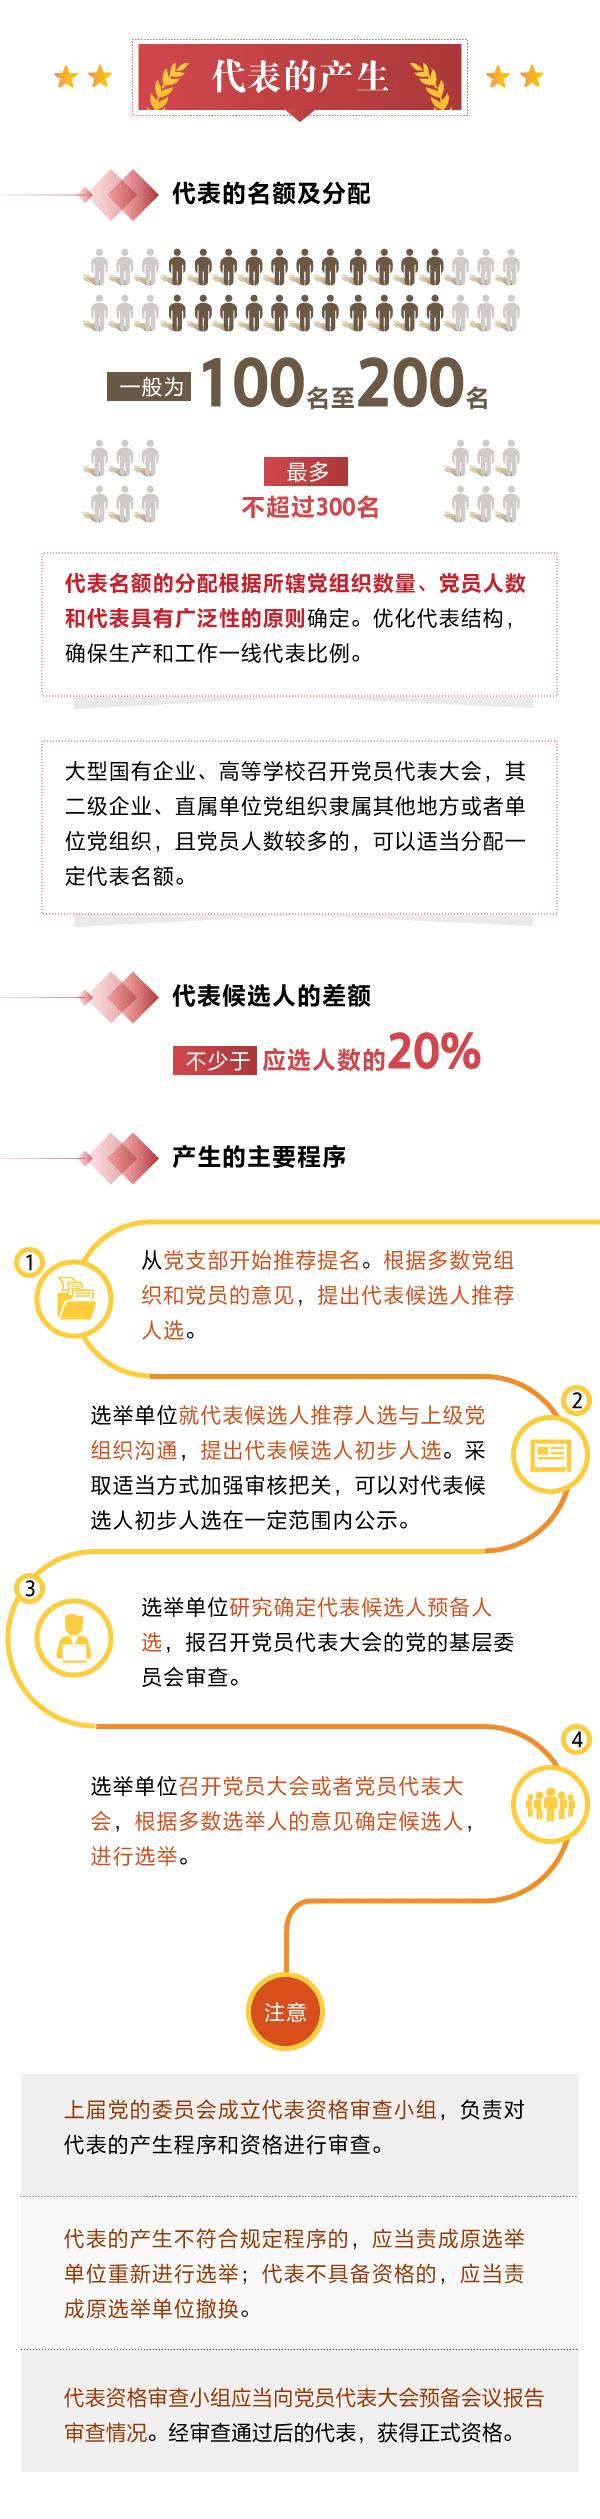 """""""两委""""换届知识早知道!一图读懂《中国共产党基层组织选举工作条例》"""